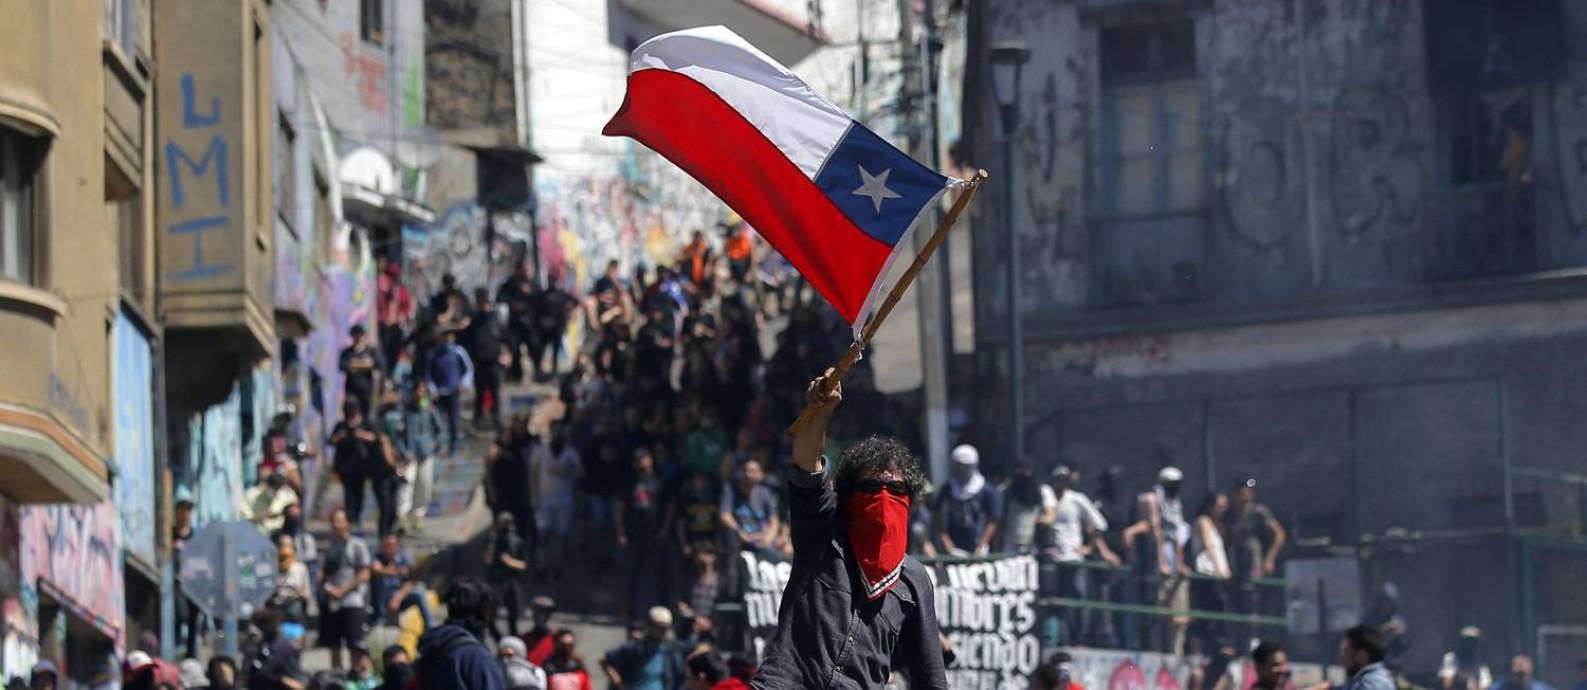 Manifestante ergue a bandeira do Chile em protesto na cidade litorânea de Valparaíso: número de mortos em incidentes relacionados às manifestações chegam a 15, enquanro mais de 1,4 mil pessoas já foram detidas Foto: JAVIER TORRES/AFP/21-10-2019